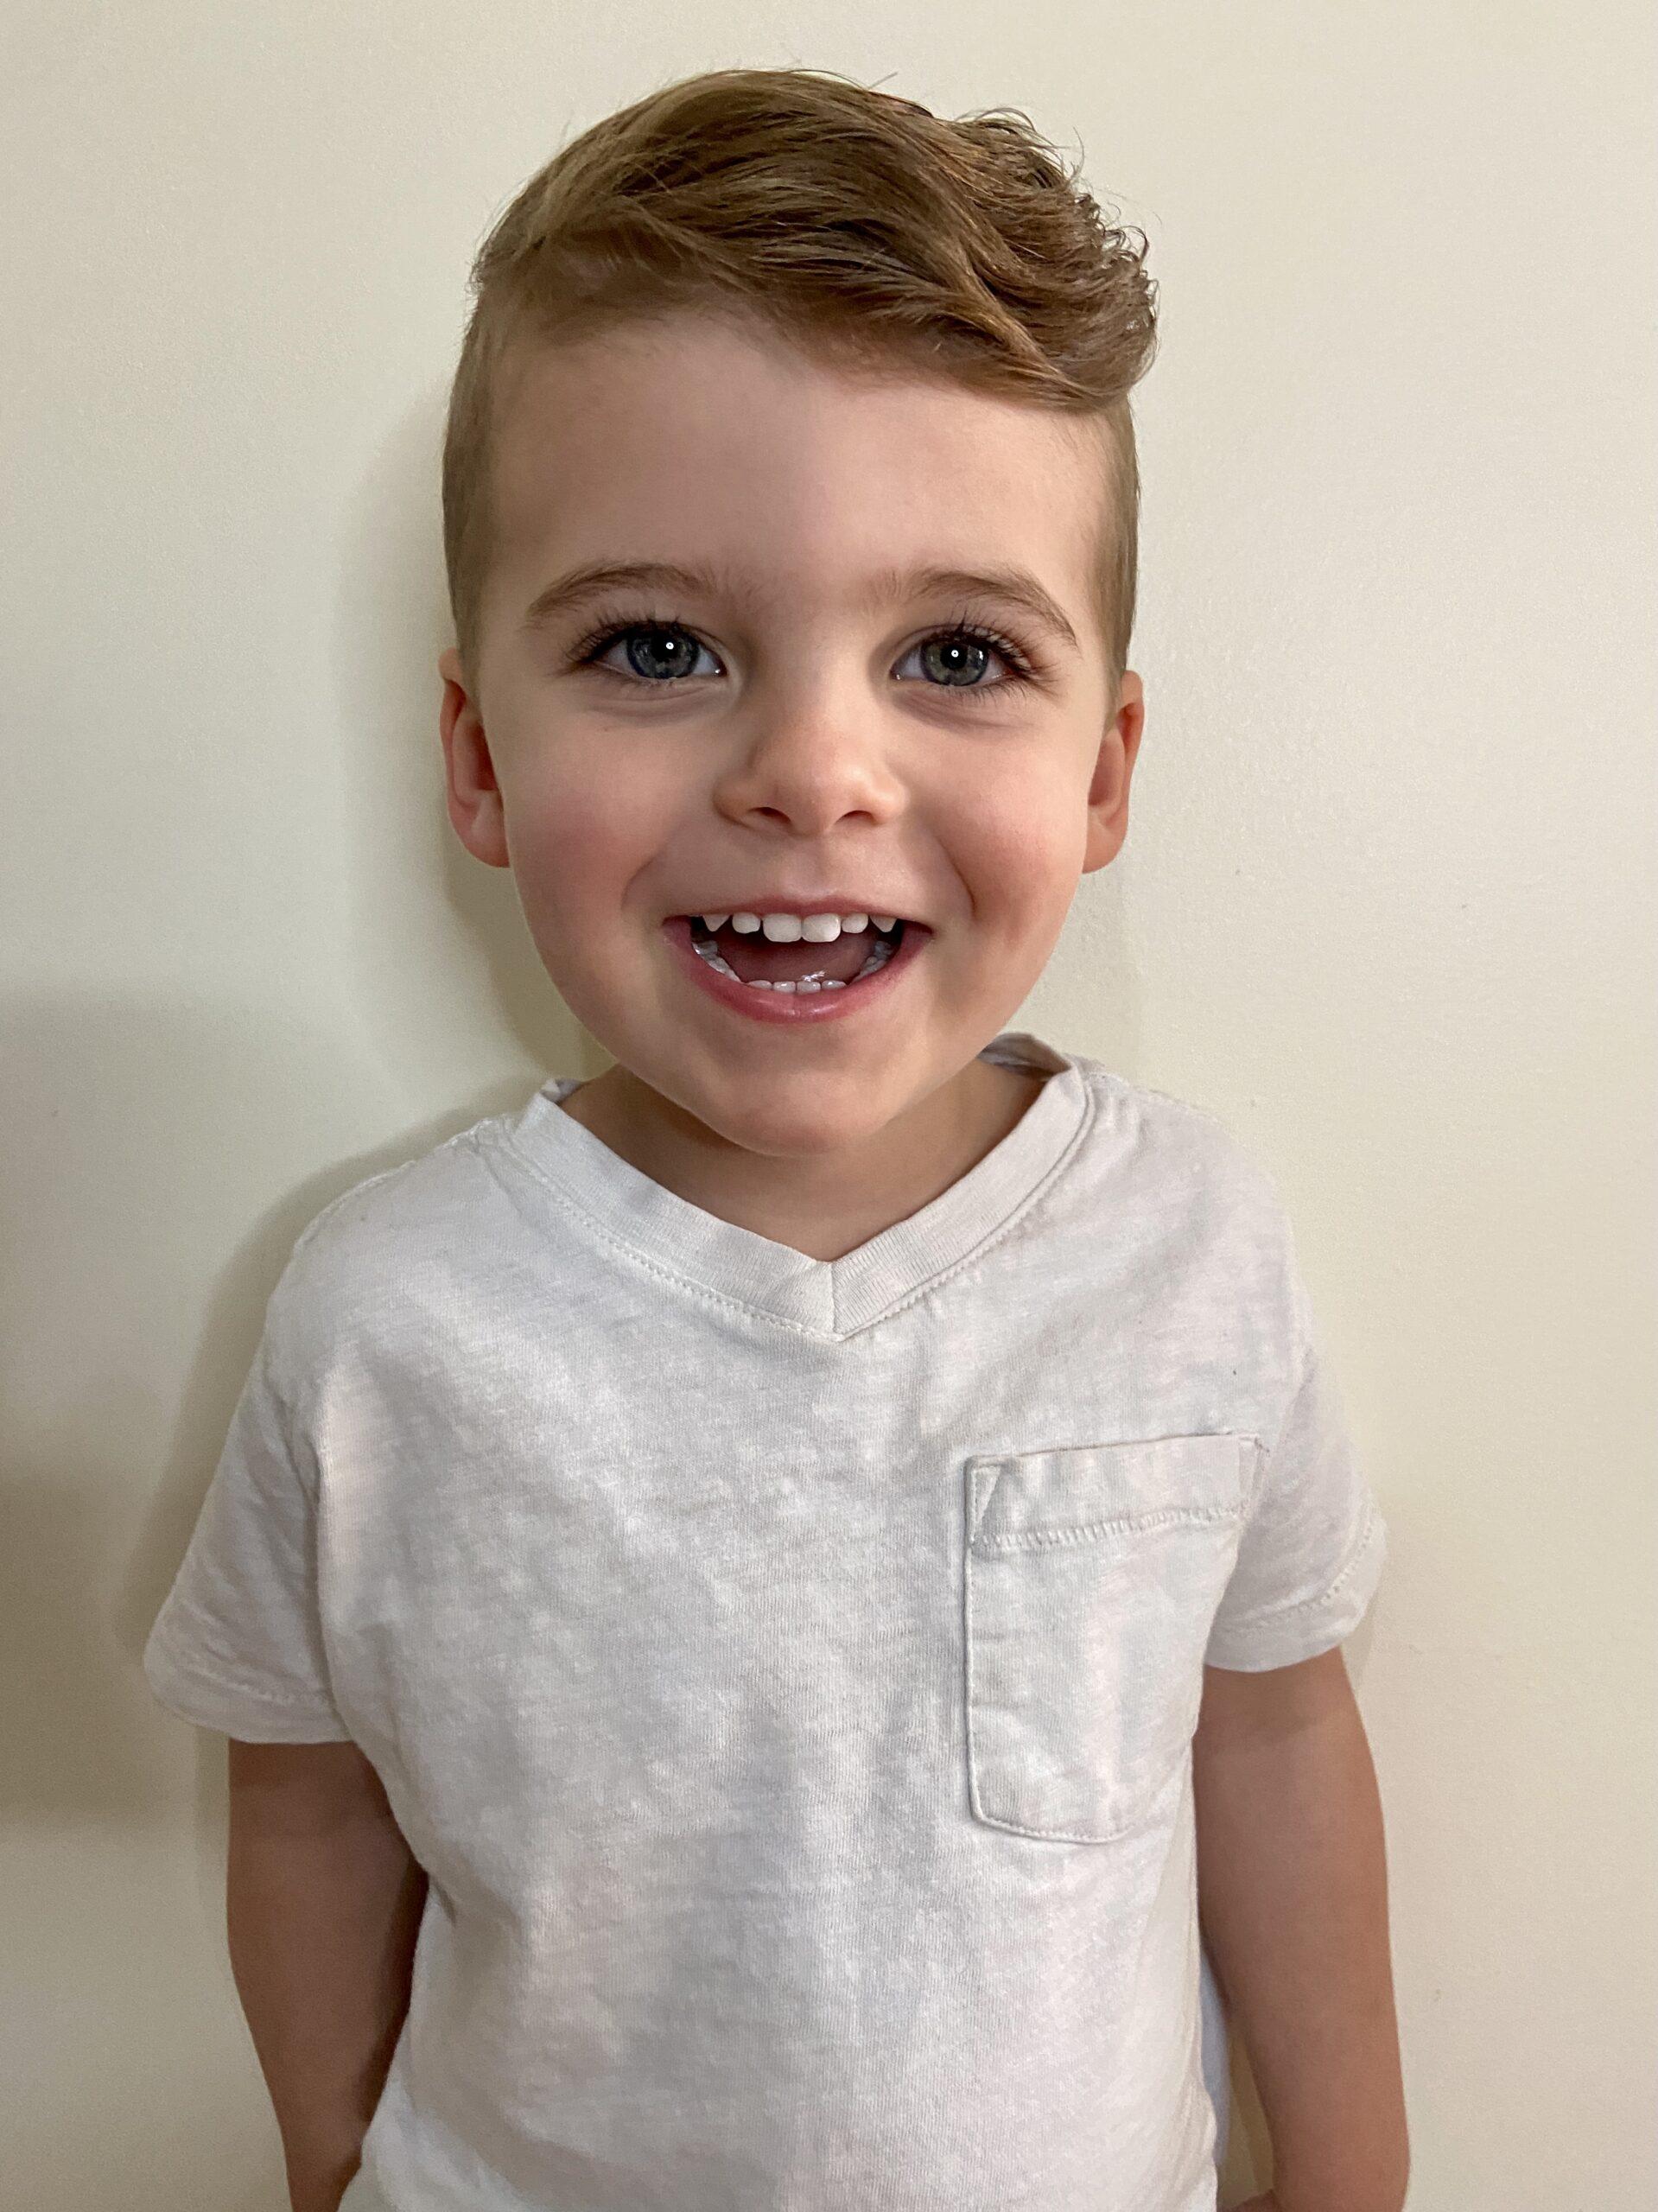 Skyler Hesington - 3 Years Old - May 2021 (3)